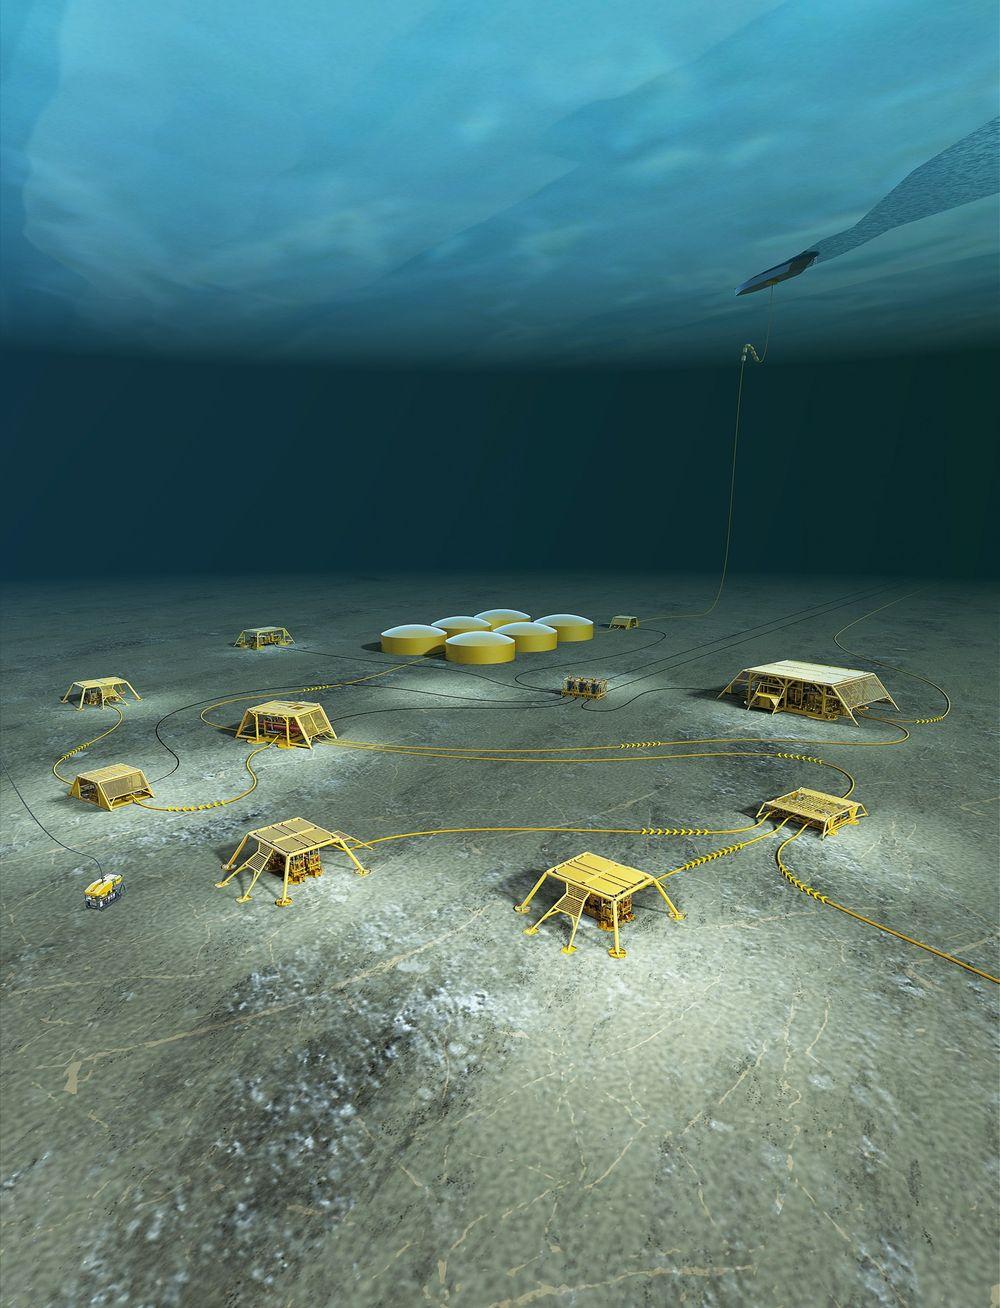 Målet: Statoils visjon om havbunnsfabrikk. De fleste av elementene er utviklet og testet. Det å sette det sammen i et samspillende system gjenstår, i tillegg til elemneter av kraftforsyning og flerfasepumping over lange avstander.